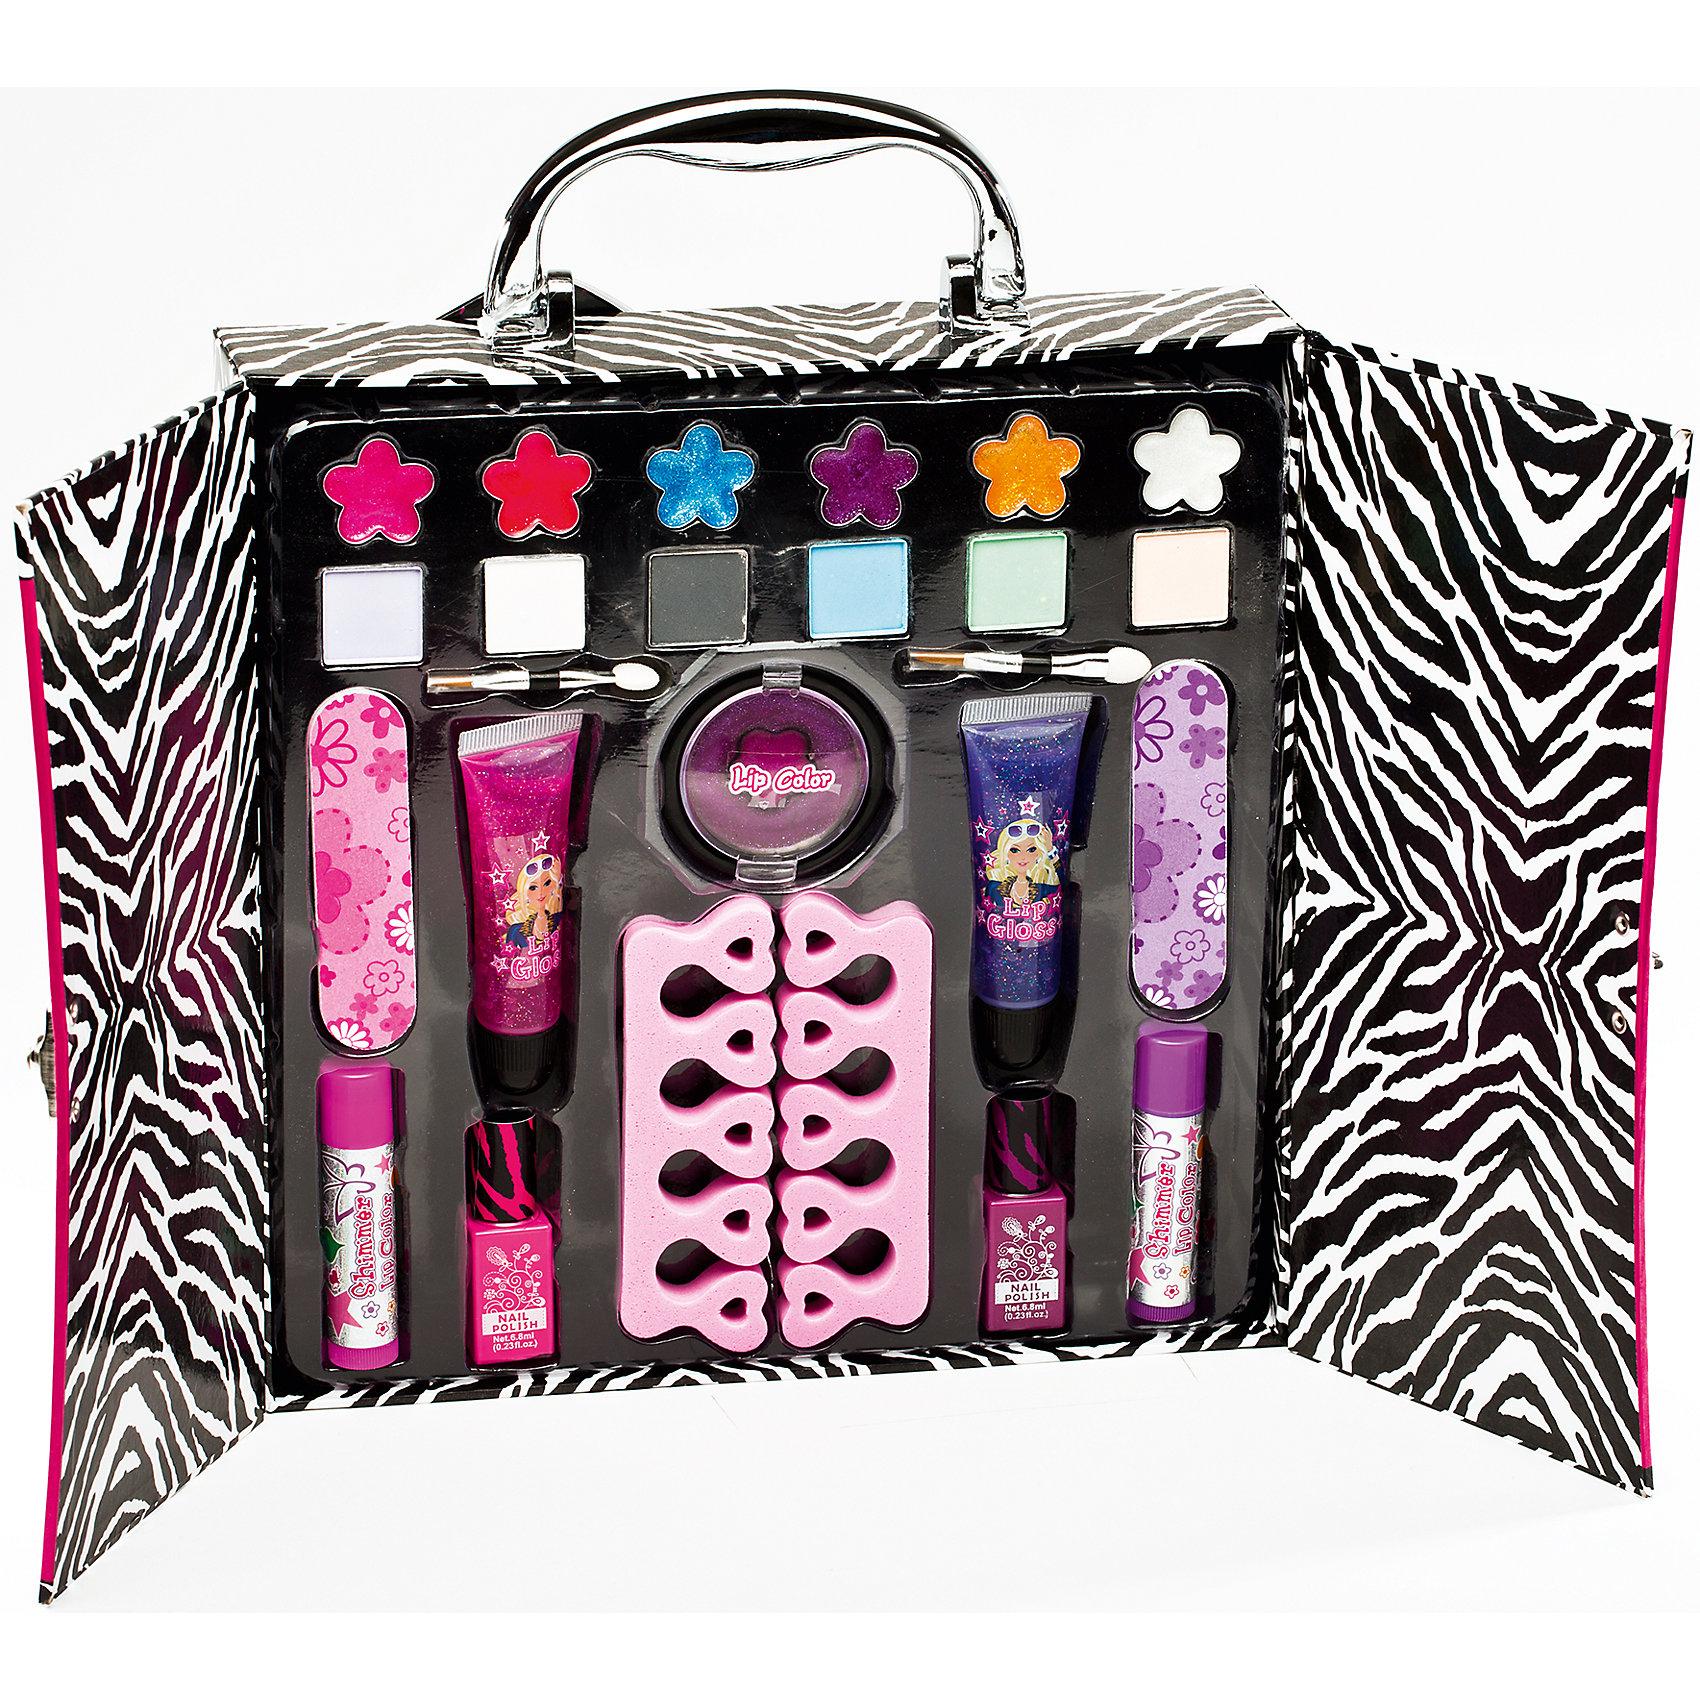 Игровой косметический набор Визаж, Totally FashionХарактеристики:<br><br>• Вид игрушек: детская косметика<br>• Пол: для девочки<br>• Материал: пластик, натуральные компоненты и красители<br>• Цвет: оттенки розового, голубой, бежевый, фиолетовый, бирюзовый и др.<br>• Комплектация: <br> блеск для губ – 7 тонов <br> тени для век – 6 тонов <br> лак для ногтей – 2 тона <br> аппликатор – 1 шт. <br> кисточка – 1 шт.<br> разделители для пальцев – 2 шт.<br>• Размер упаковки (Д*Ш*В): 23*5,2*24 см<br>• Вес: 440 г<br>• Упаковка: футляр с ручкой <br><br>Игровой косметический набор Визаж, Totally Fashion от мирового лидера в производстве натуральной и безопасной косметики как для взрослых, так и для детей. Линейка наборов Totally Fashion представляет собой яркие, безопасные и оригинальные косметические наборы для девочек. Используемые в производстве ингредиенты и материалы имеют международные сертификаты безопасности. <br><br>Декоративные тени, румяна, блеск и лак для ногтей легко смываются теплой водой, не оставляют пятен на одежде и не вызывают раздражение. В палитре оттенков имеются самые модные и стильные оттенки. В наборе предусмотрены инструменты и аксессуары, которые позволят аккуратно нанести макияж и сделать маникюр или педикюр. Футляр для декоративной косметики выполнен в брендовом дизайне.<br><br>Игровой косметический набор Визаж, Totally Fashion станет идеальным подарком для девочки к любому празднику.<br><br>Игровой косметический набор Визаж, Totally Fashion можно купить в нашем интернет-магазине.<br><br>Ширина мм: 230<br>Глубина мм: 52<br>Высота мм: 240<br>Вес г: 440<br>Возраст от месяцев: 60<br>Возраст до месяцев: 120<br>Пол: Женский<br>Возраст: Детский<br>SKU: 5418948